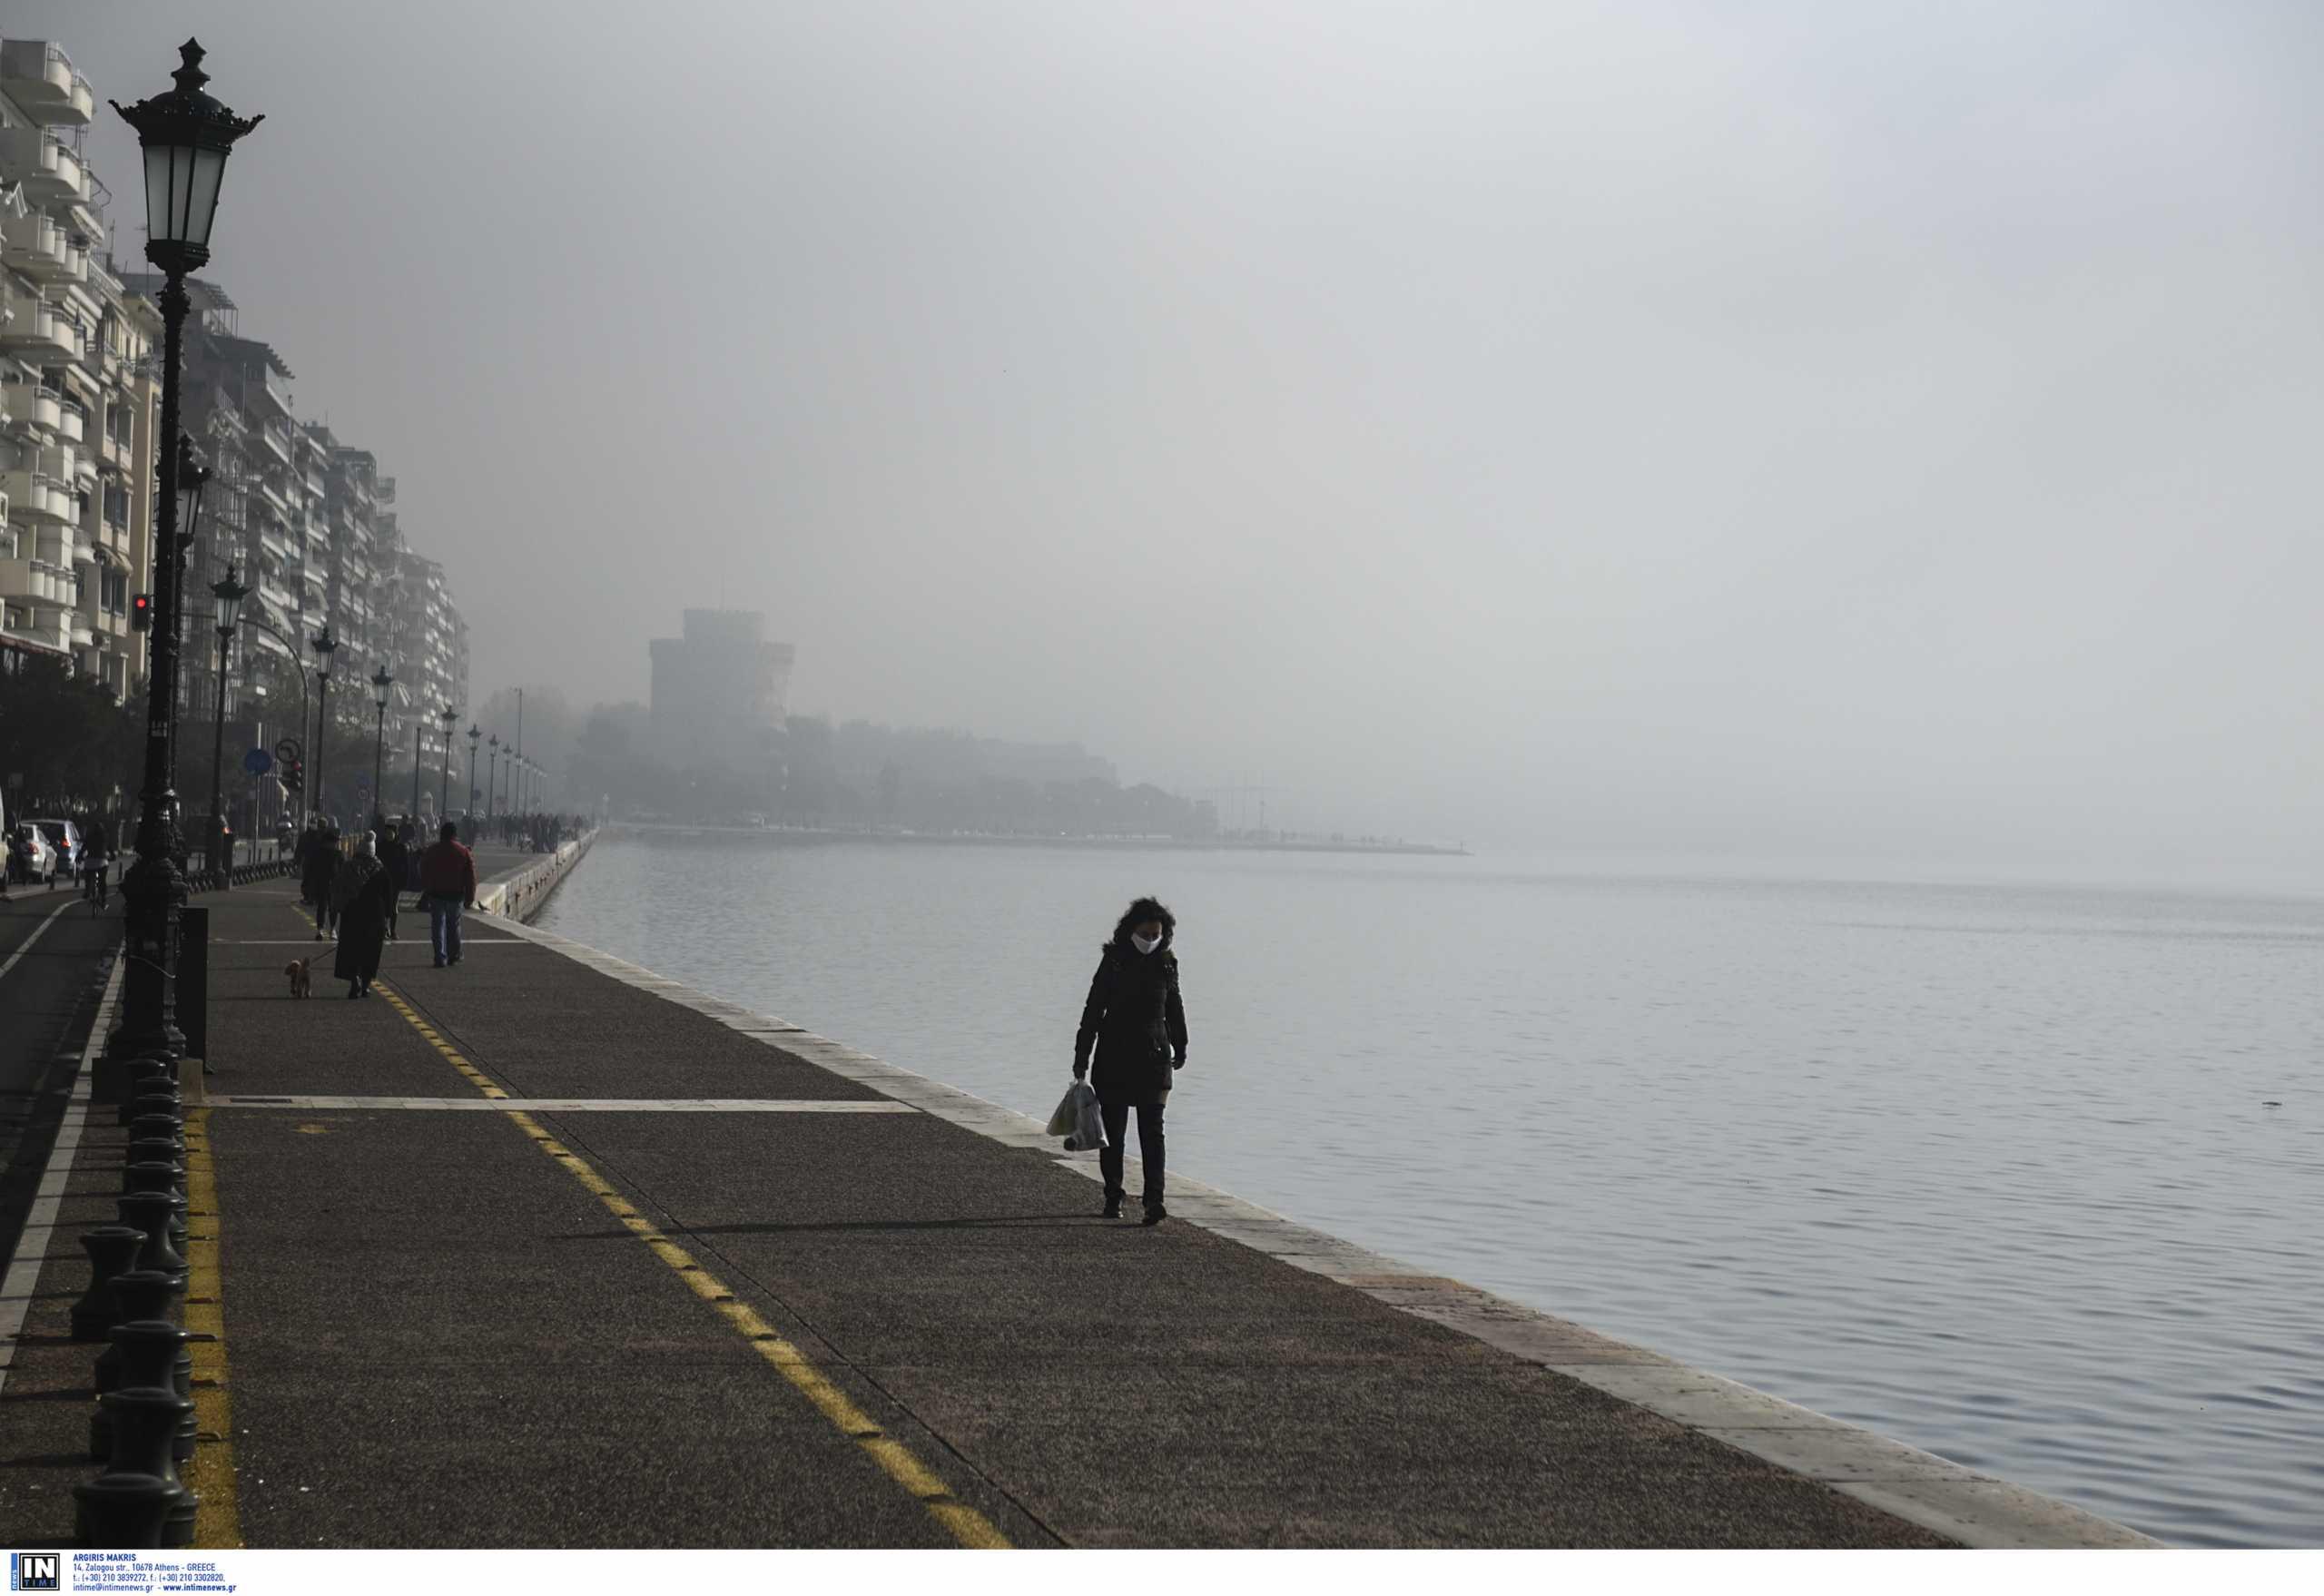 Θεσσαλονίκη: Έπεσε στο πορτοκαλί το ιικό φορτίο του κορονοϊού στα λύματα